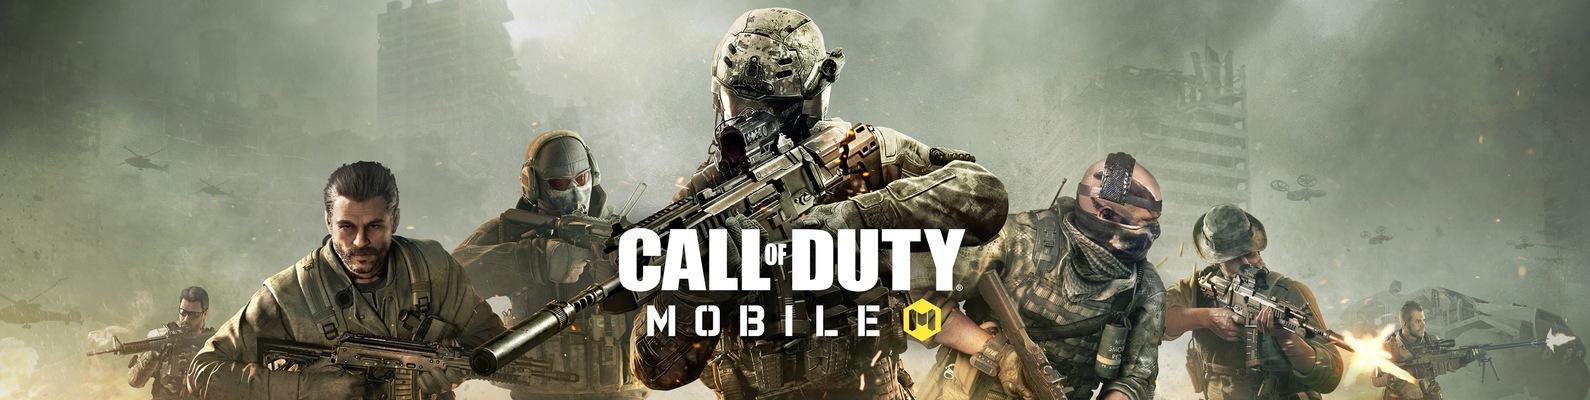 Call Of Duty Mobile Novosti Obnovlenij Vkontakte